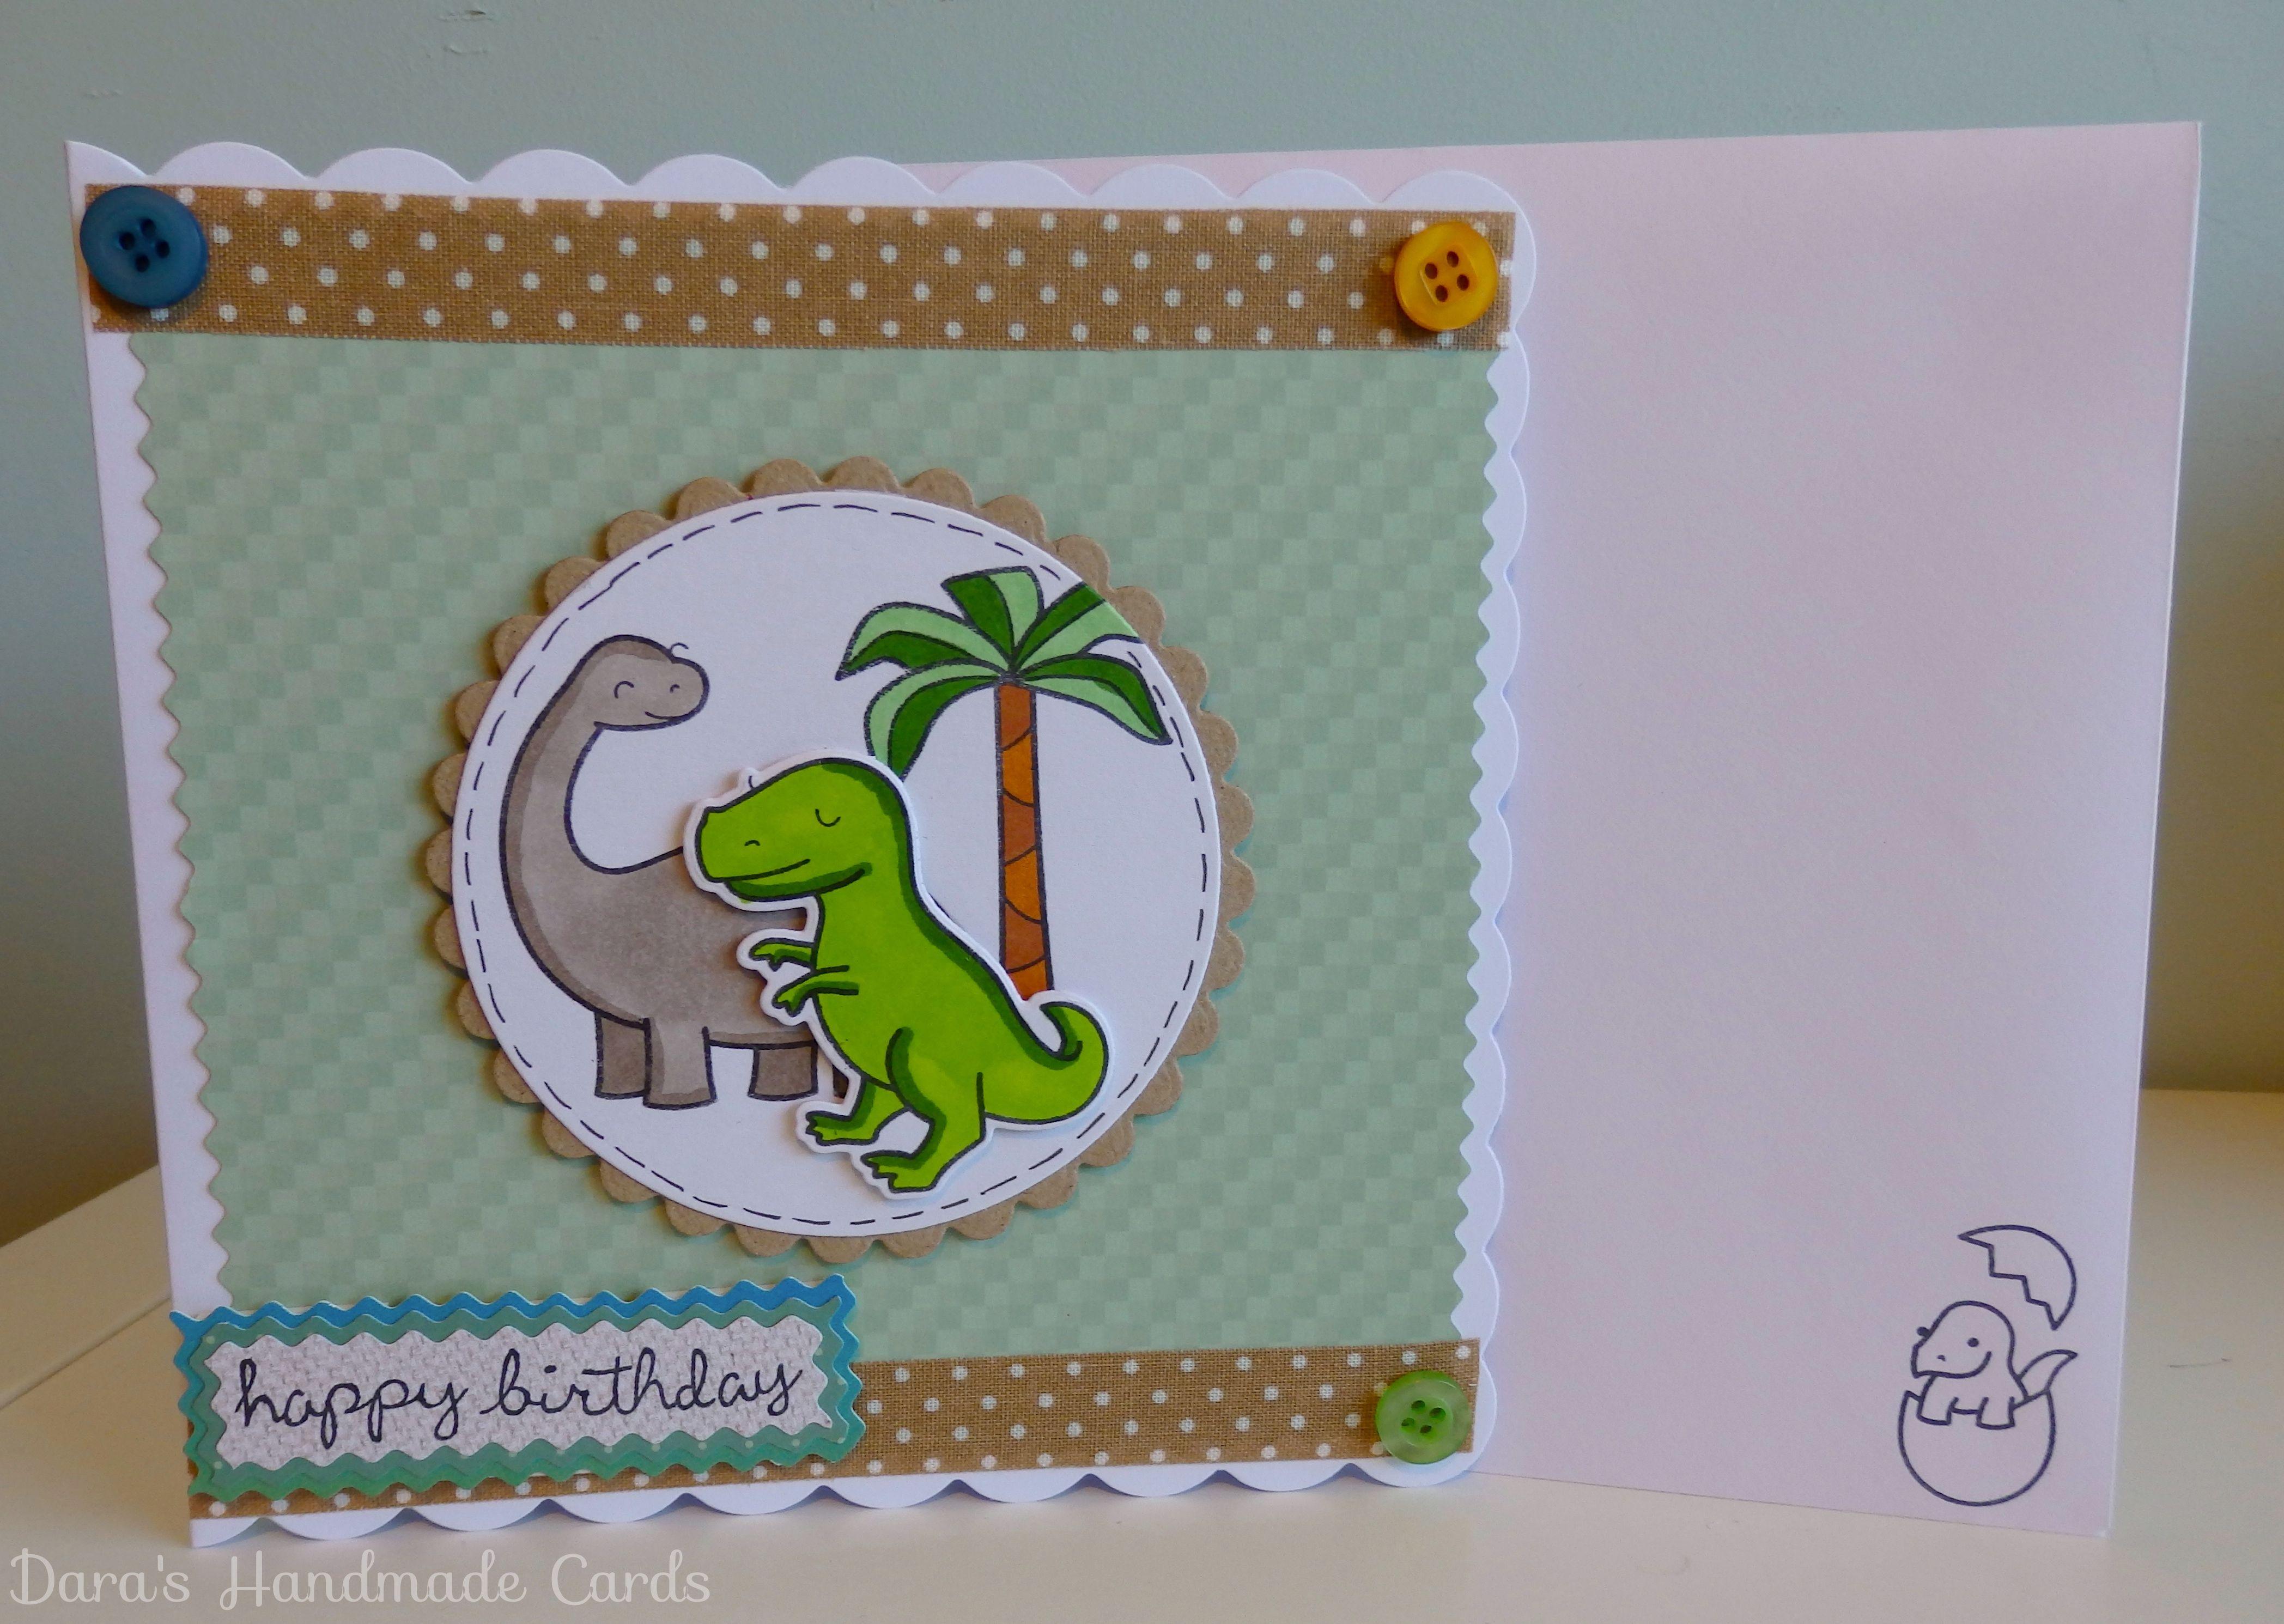 Handmade Dinosaur Card Kids Boys Girls Birthday Etsy Cards Dinosaur Cards Kids Cards